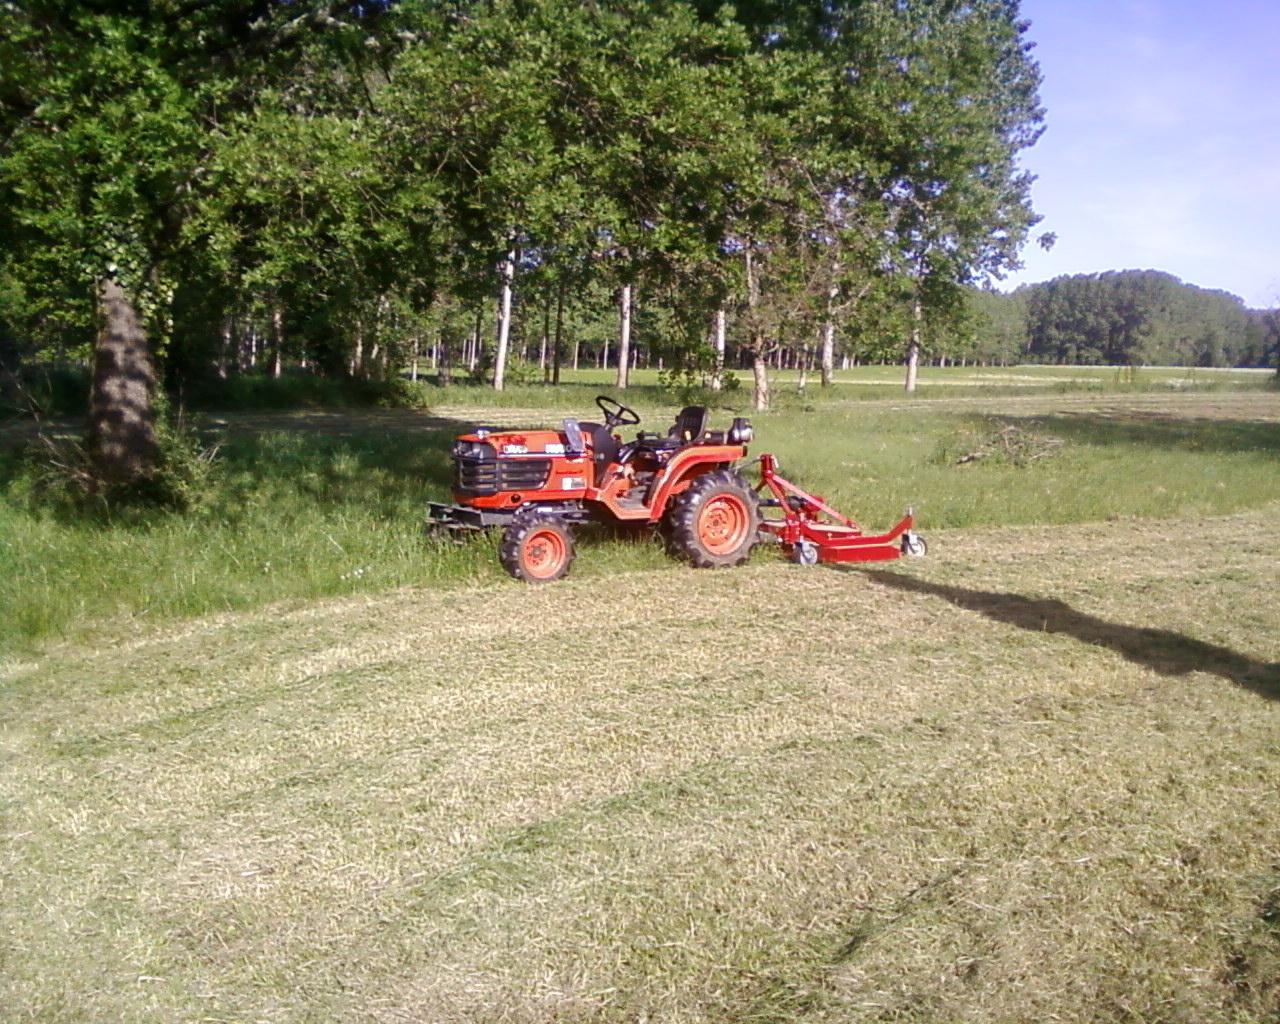 Parc et jardin tonte pelouse taille haie d brousaillage for Tonte de pelouse a domicile